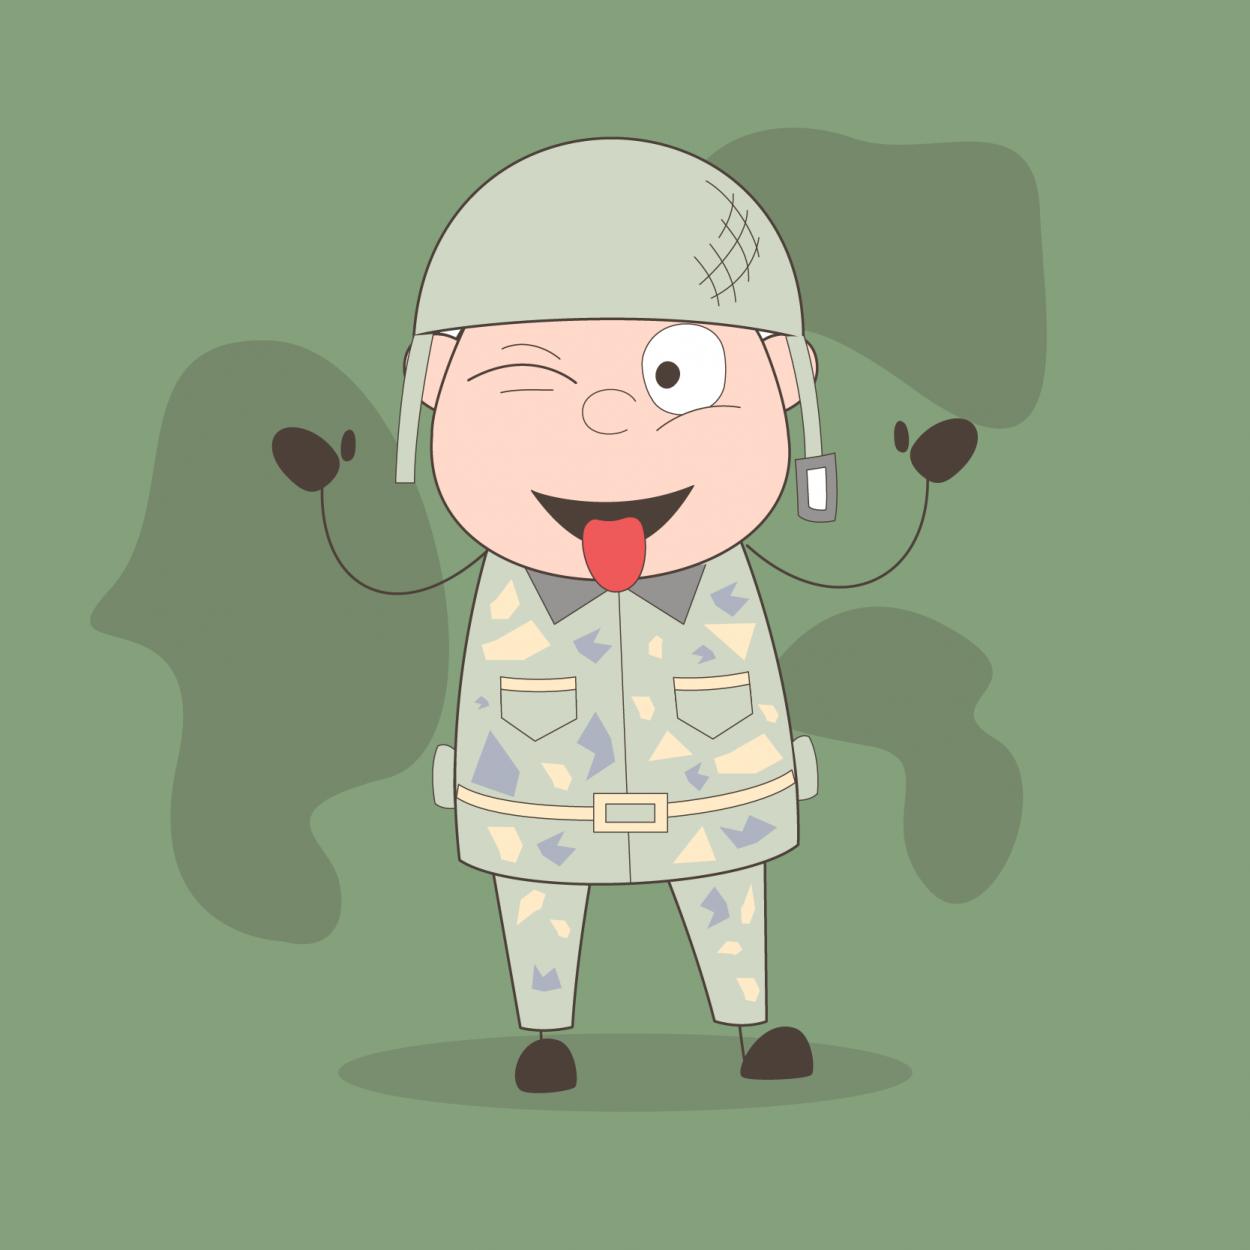 Десятка анекдотов про армию и военных